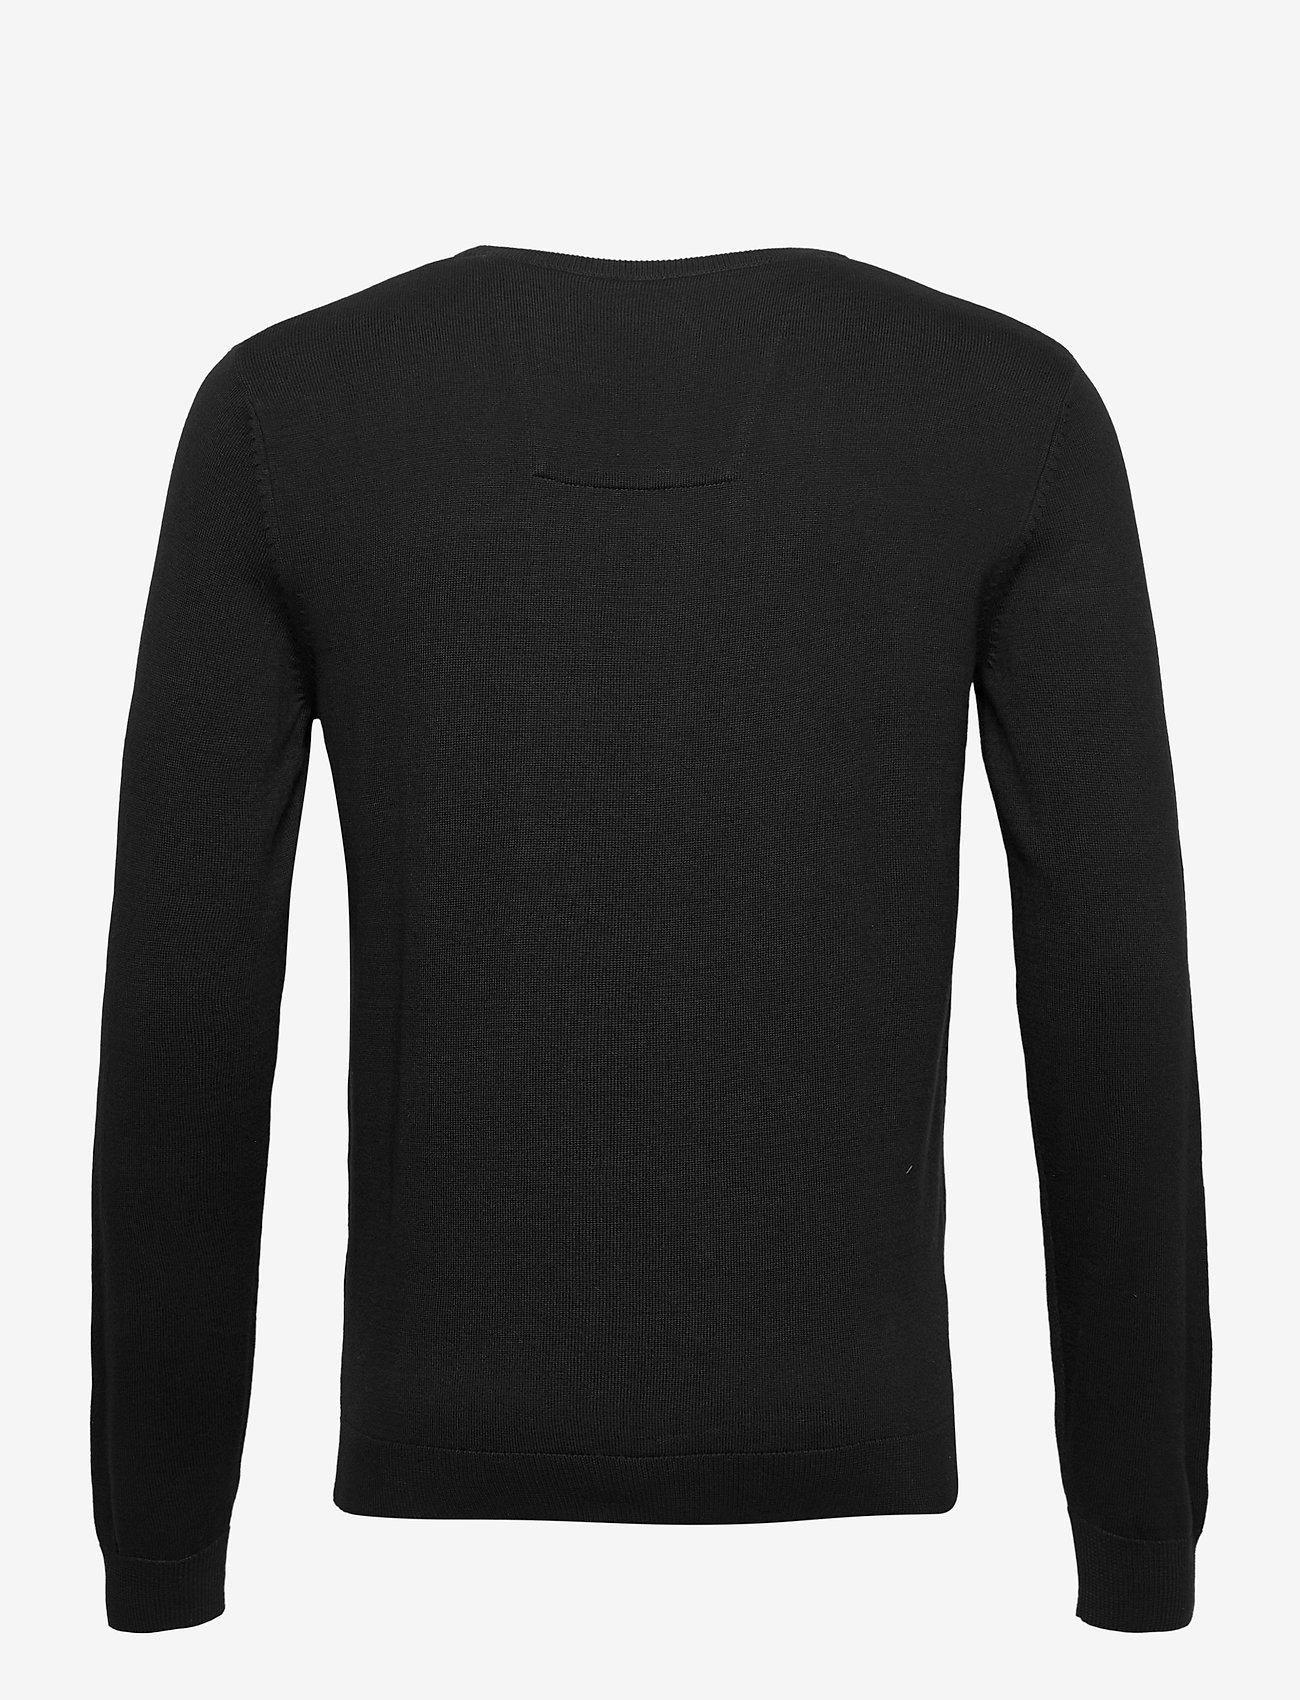 Tom Tailor basic crew n - Strikkevarer BLACK - Menn Klær